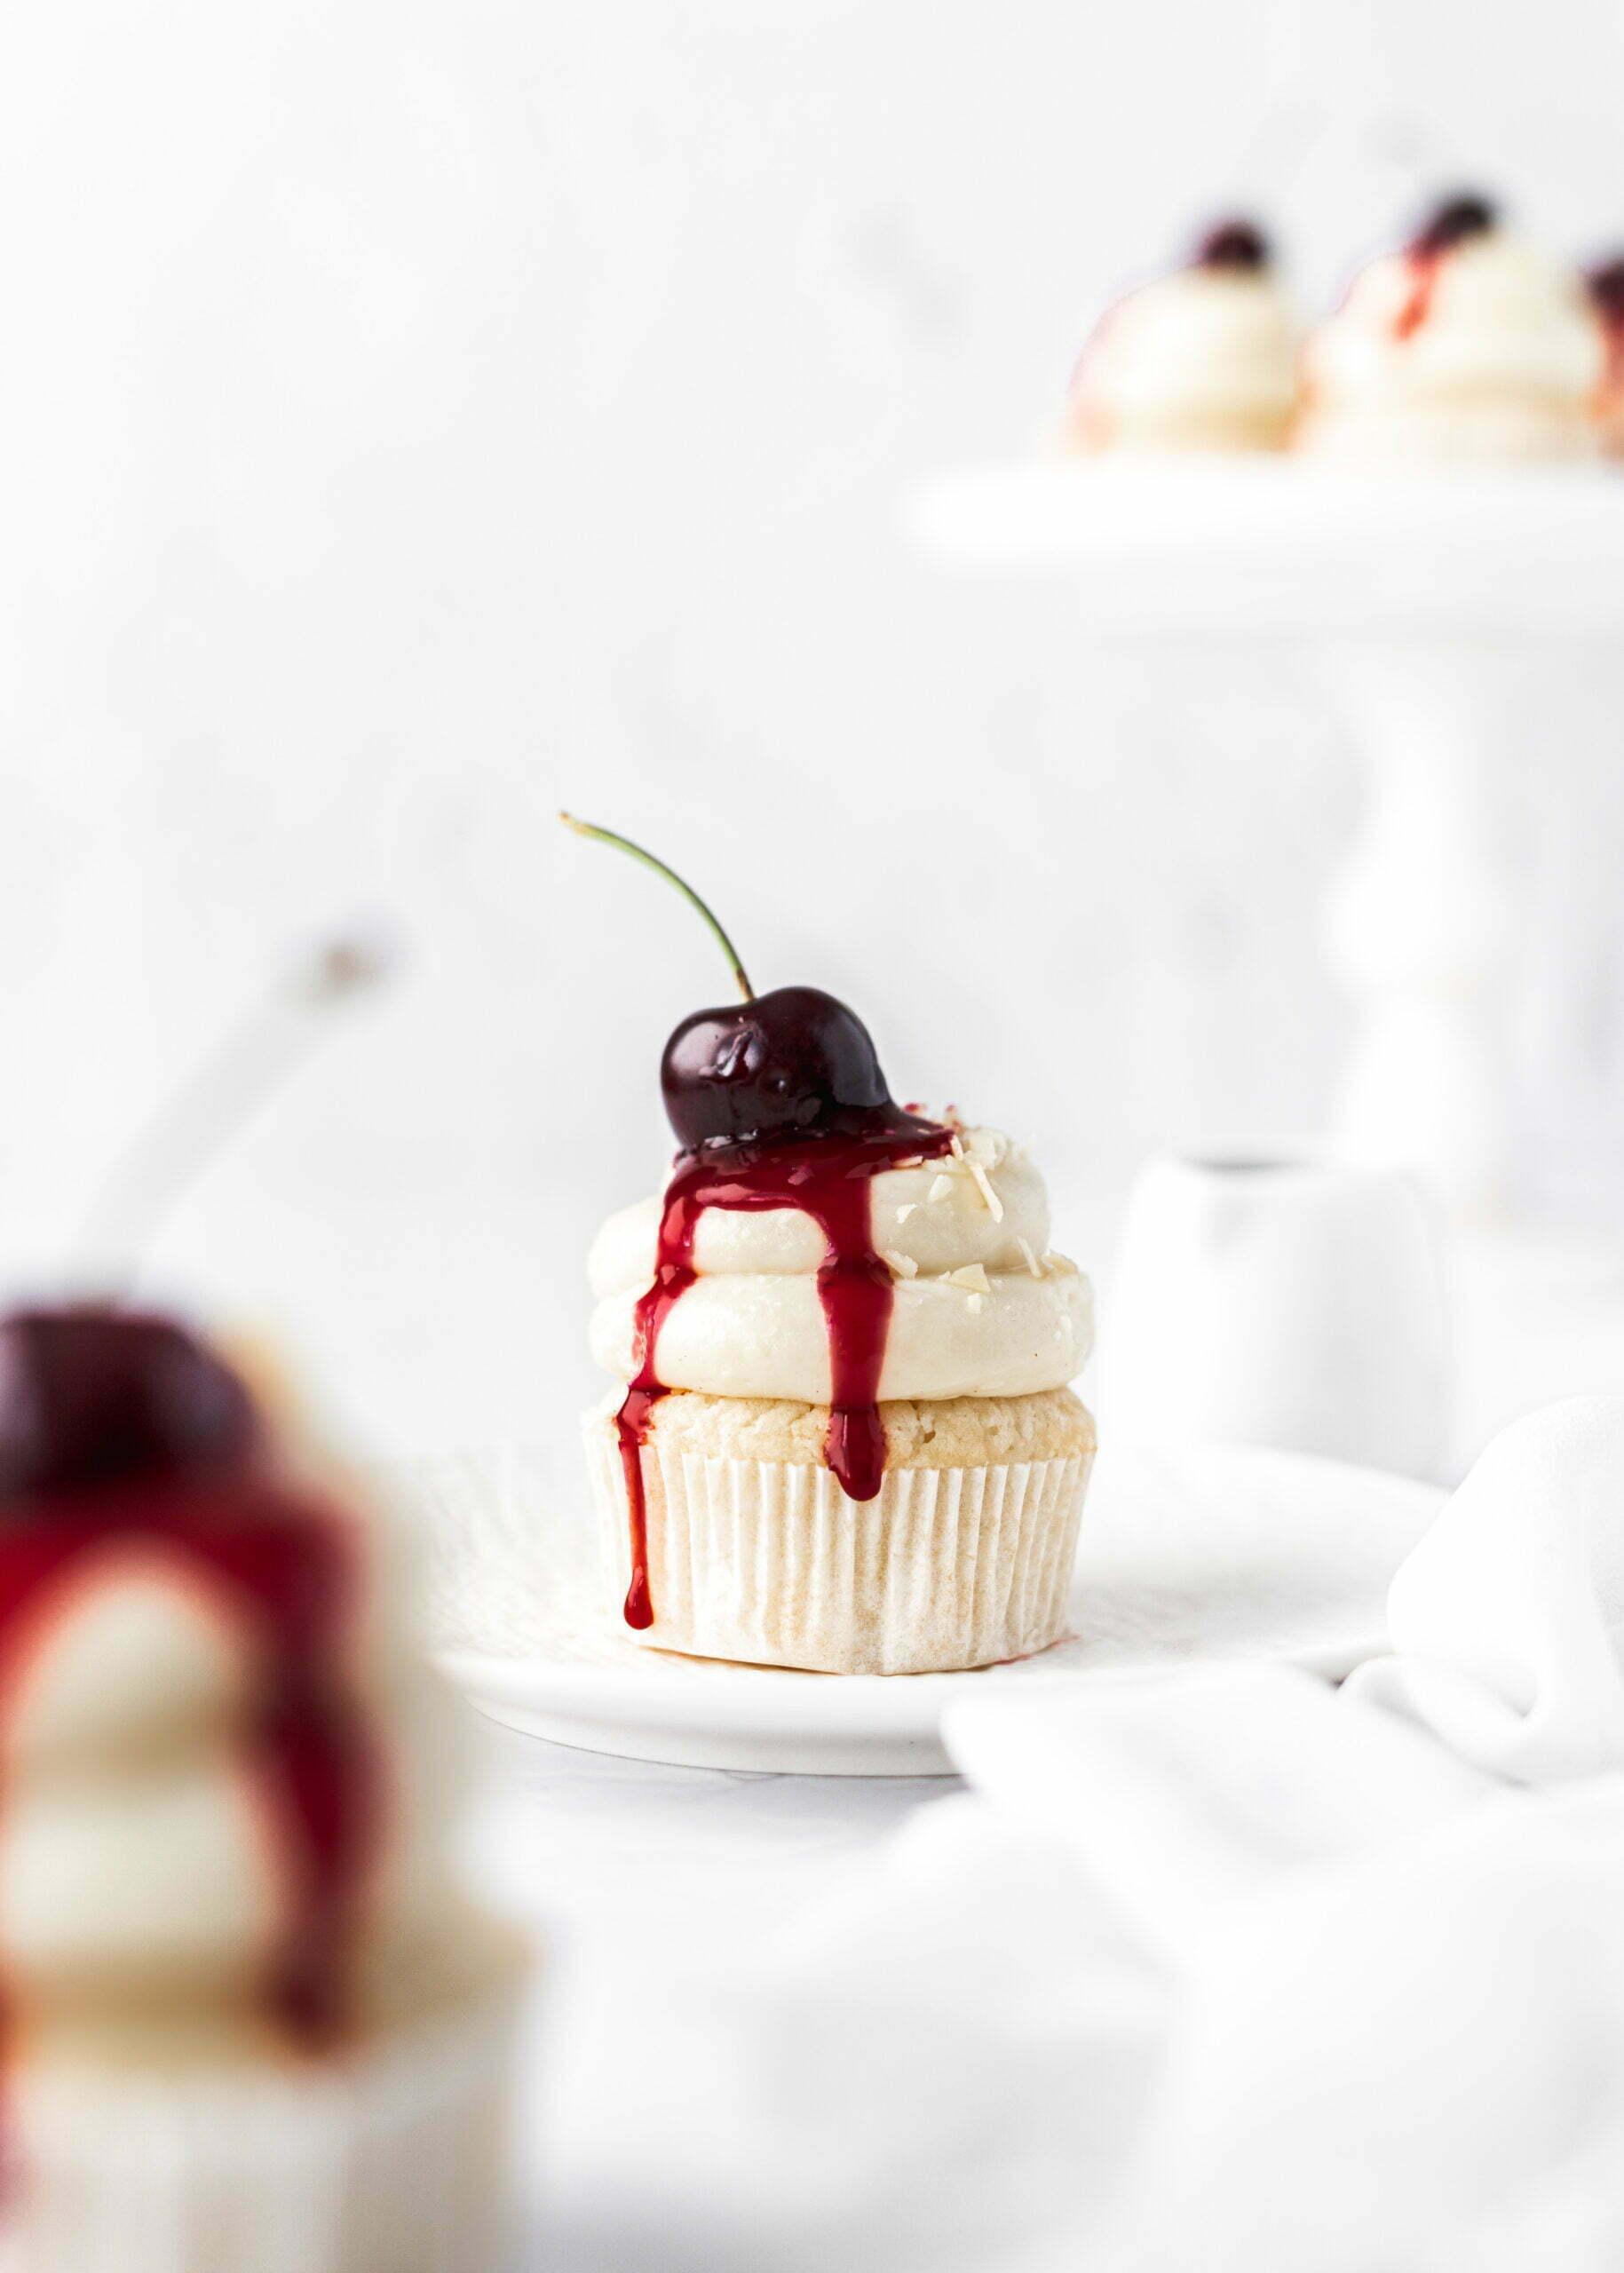 Vaniljevi Cupcakes kolački z belo čokolado in česnjami (brez jajc)